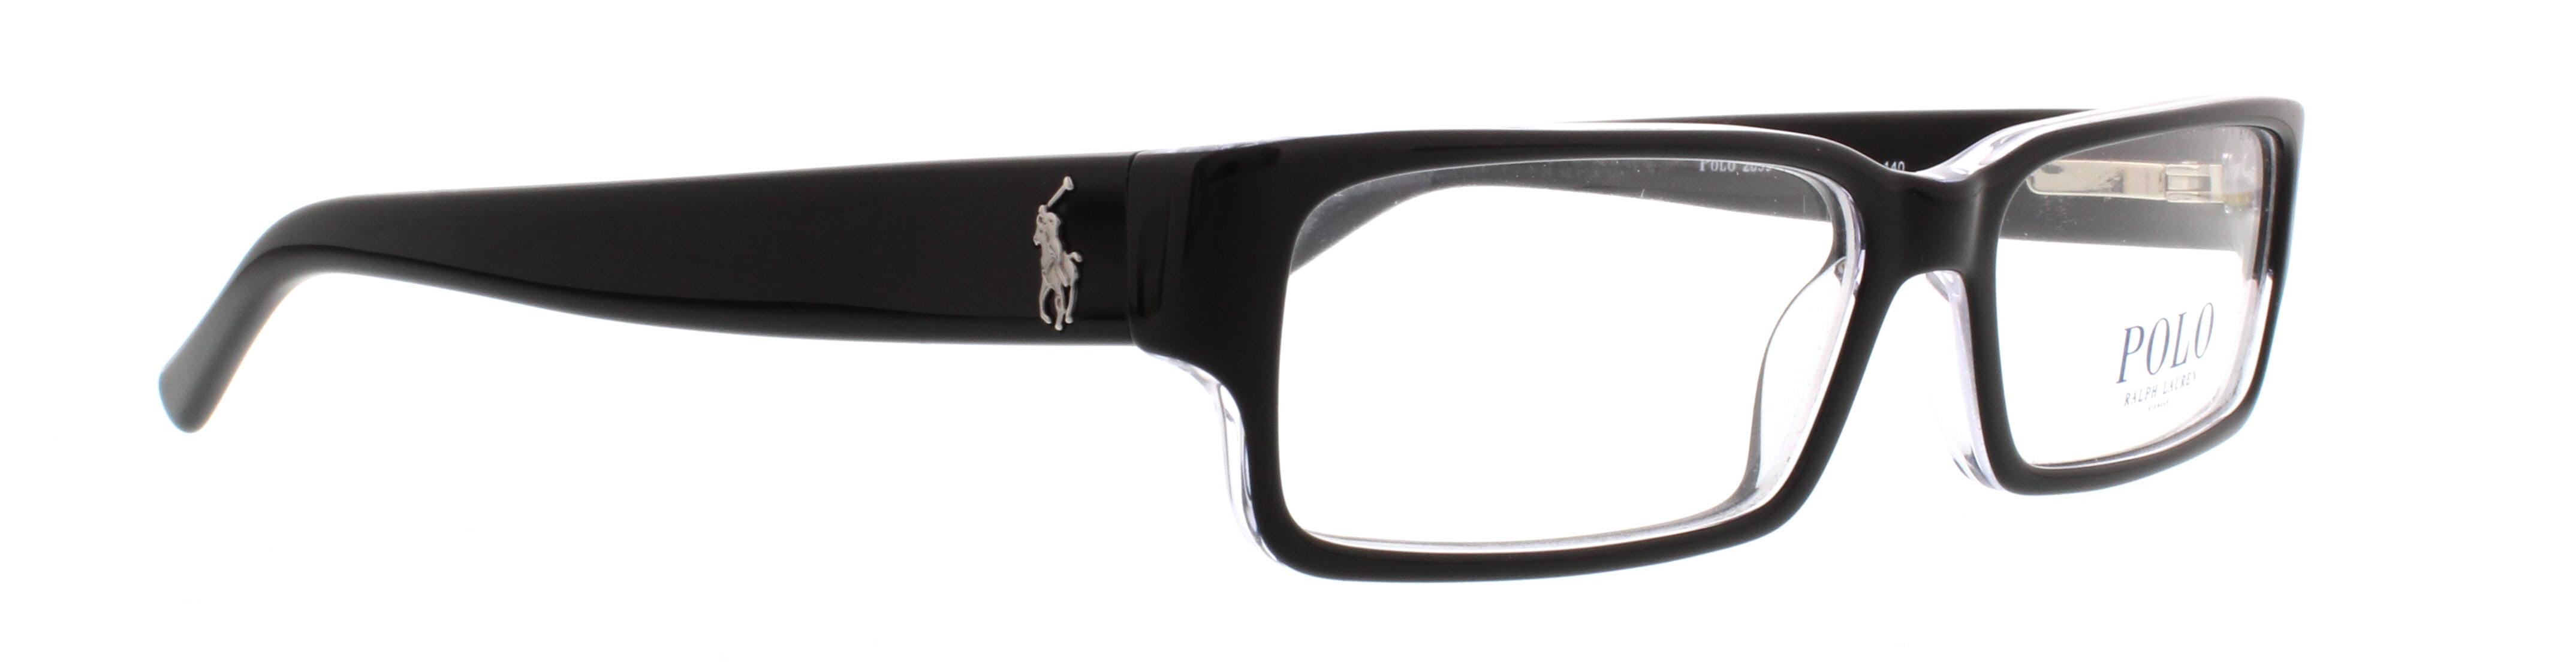 Polo Glasses For Men - Best Glasses Cnapracticetesting.Com 2018